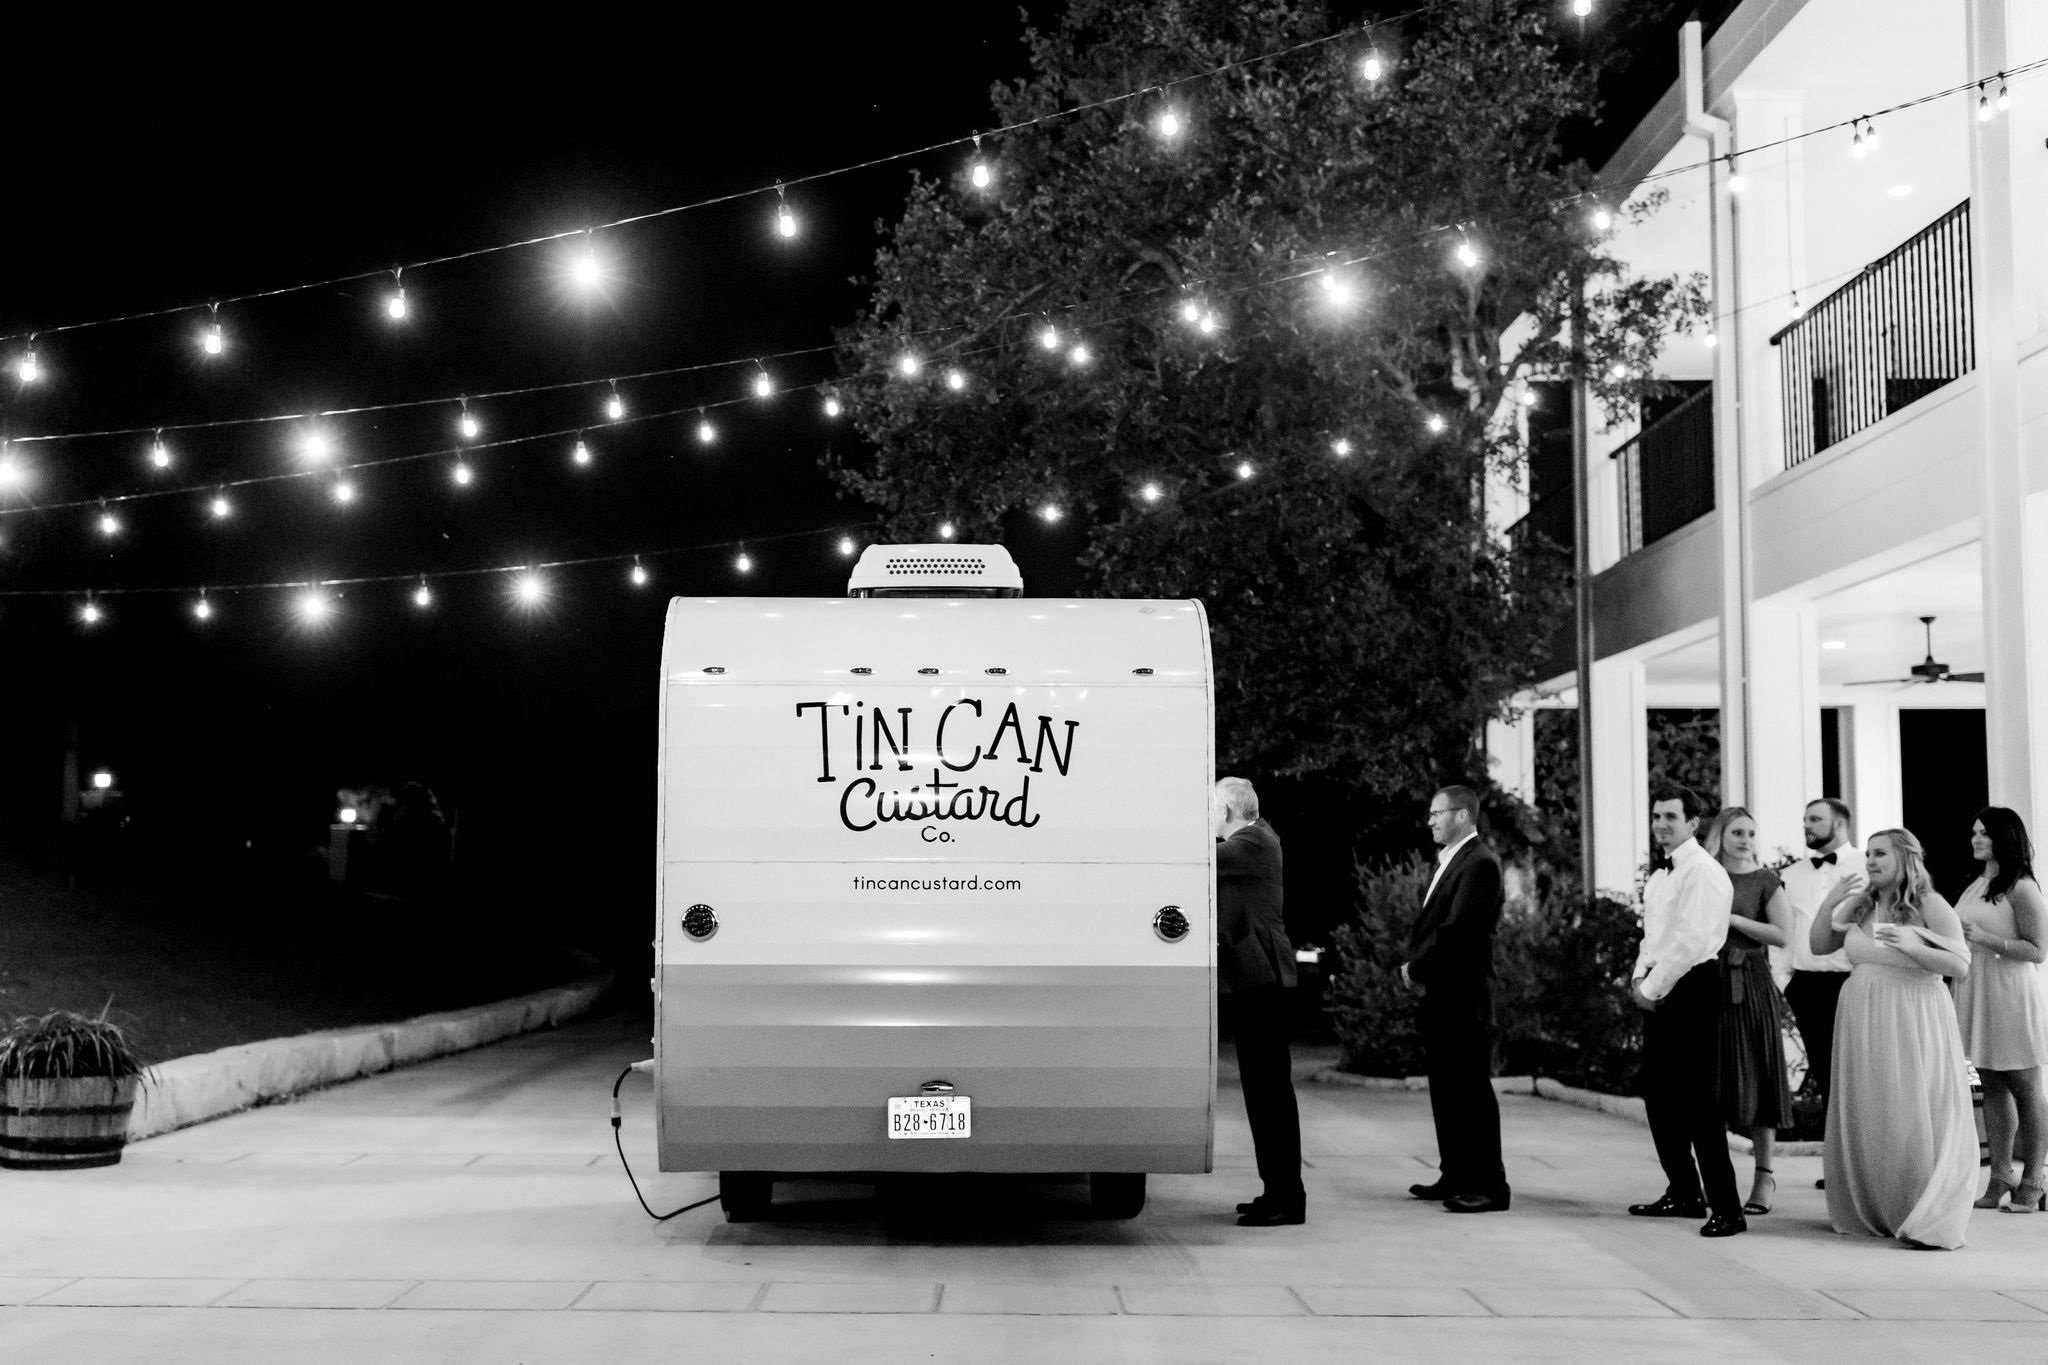 Tin Can Custard